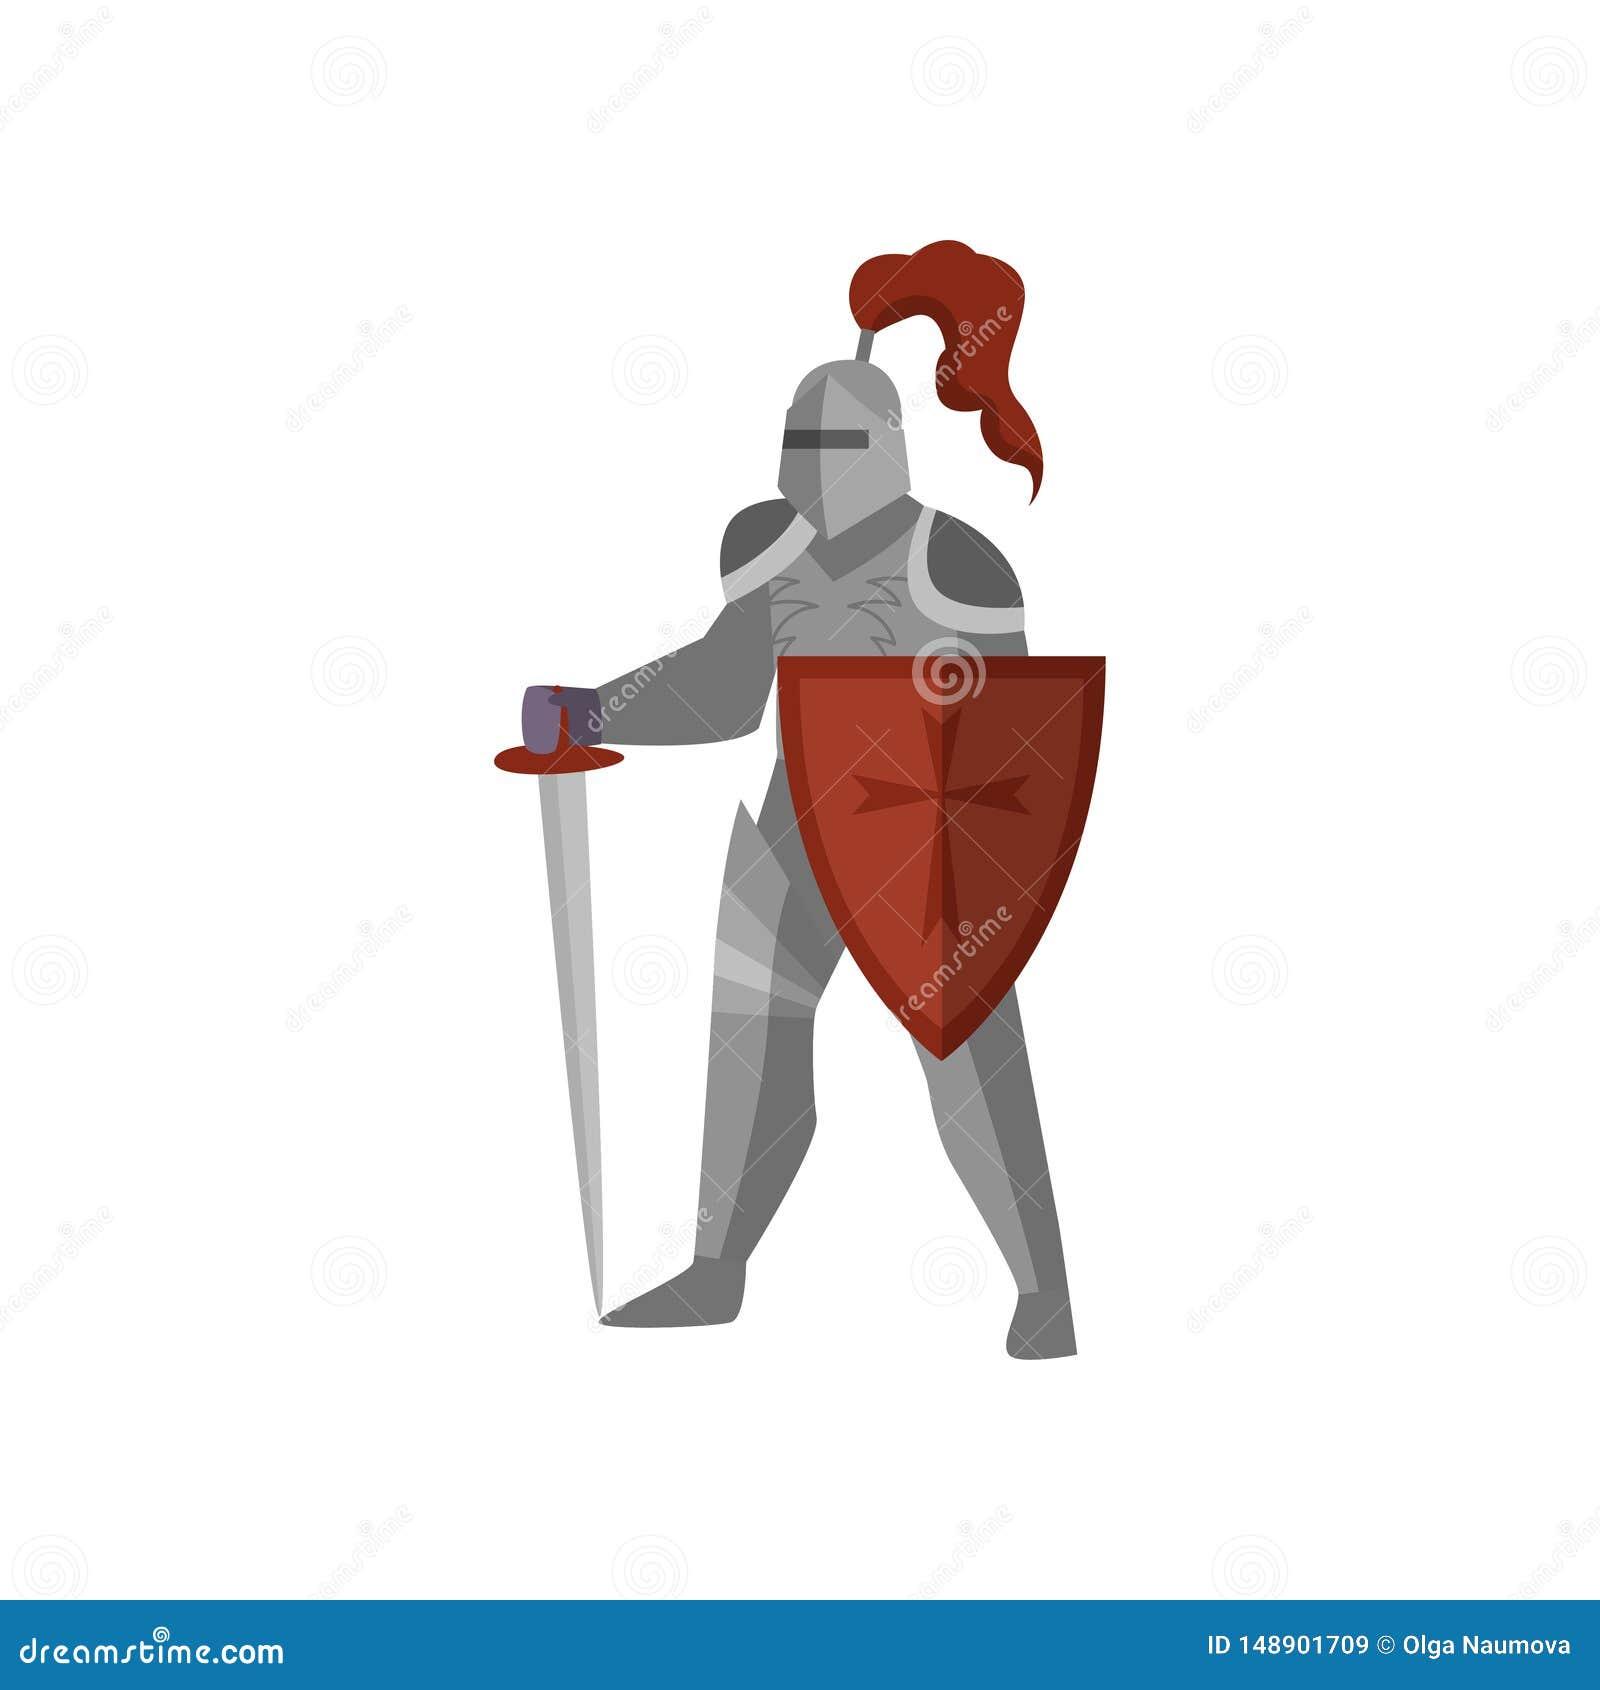 Cavaliere medievale con la spada e lo schermo lunghi della croce rossa